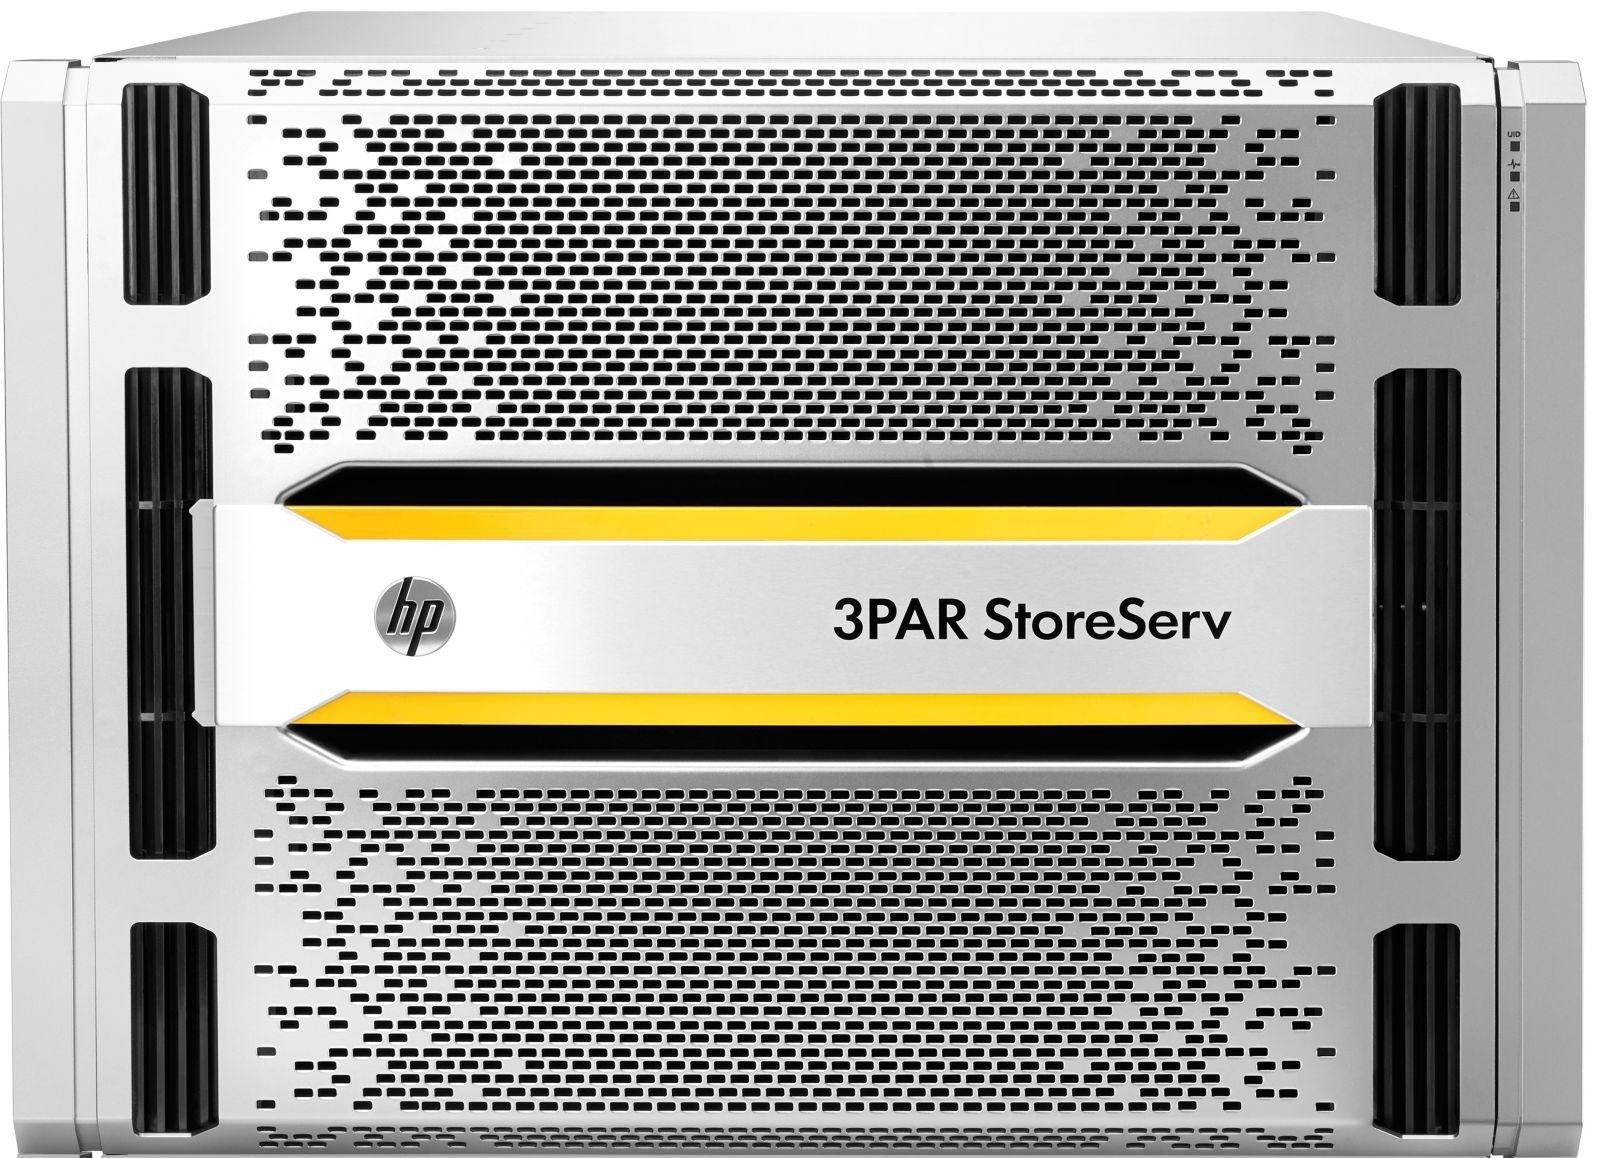 Линейка систем хранения HP 3PAR - 1